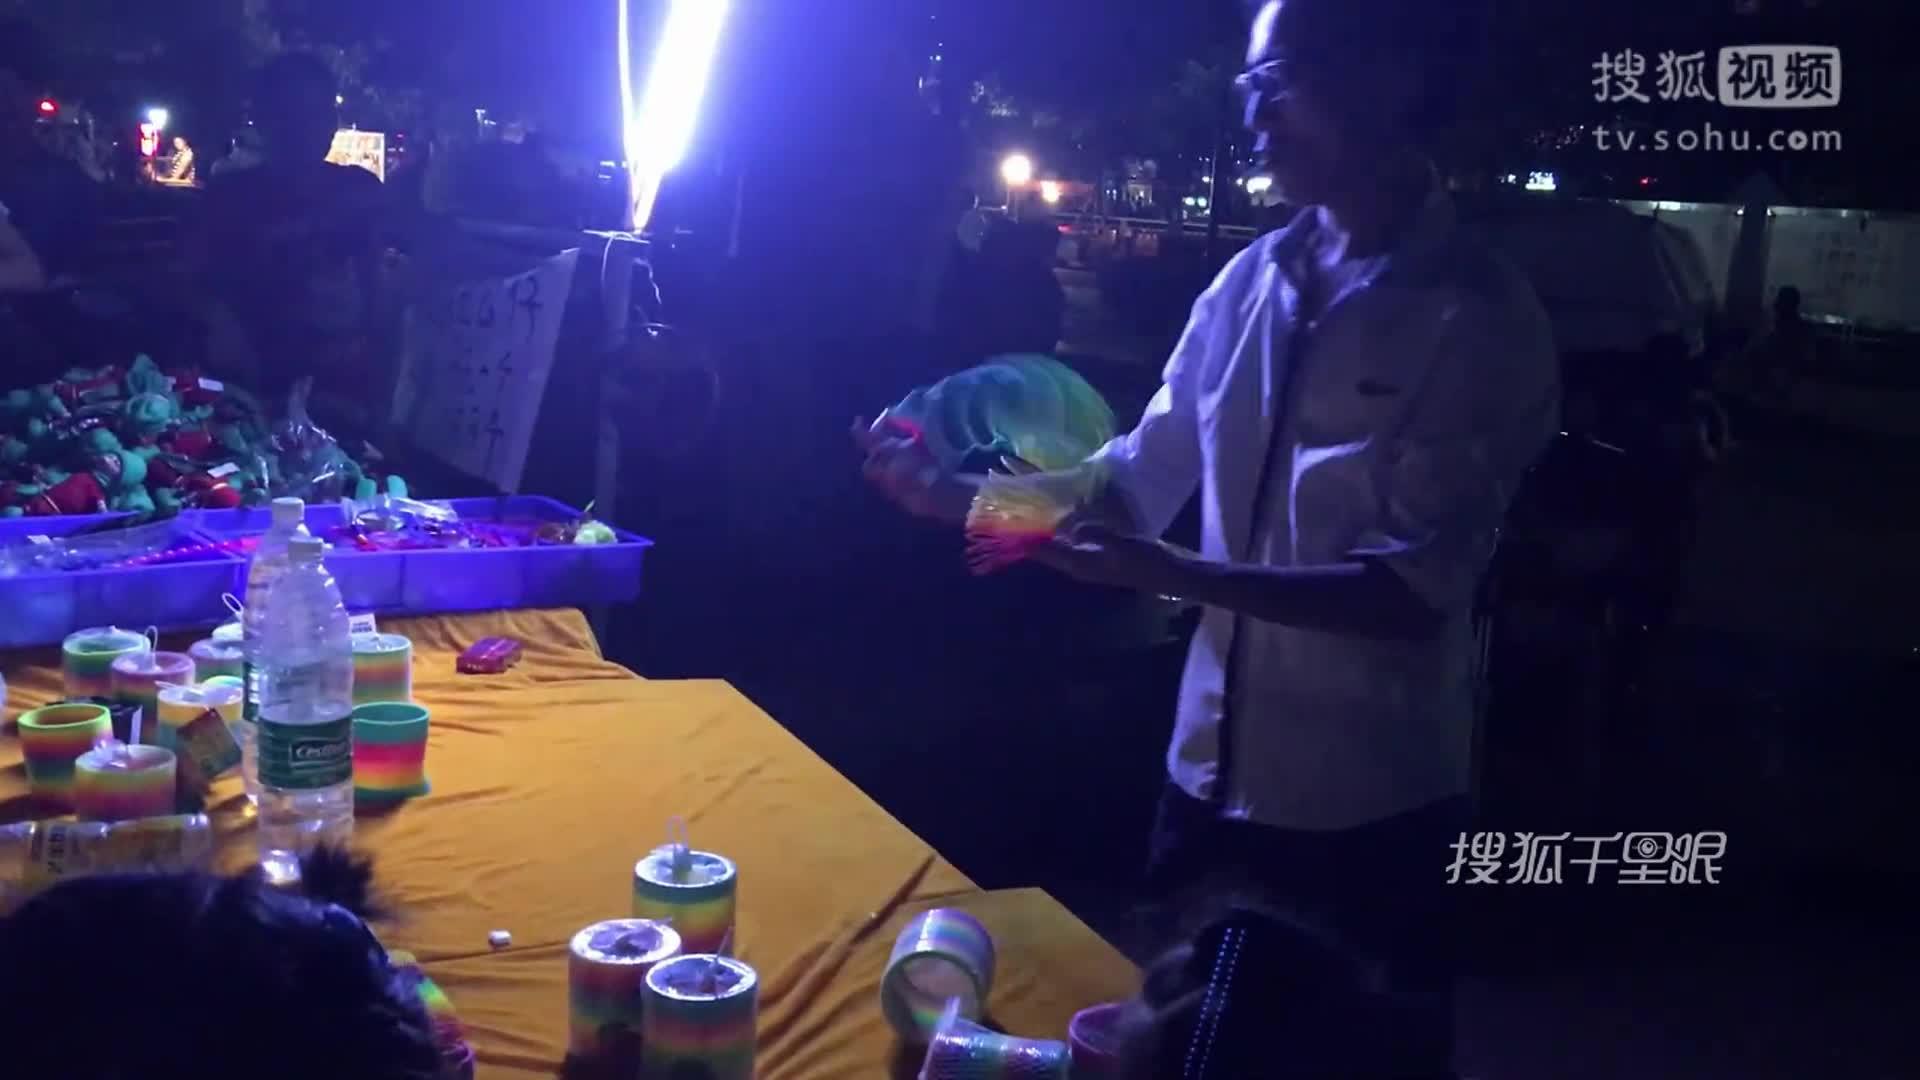 """【深圳】小伙街头玩""""彩虹圈""""行云流水 技术超牛如变魔术"""